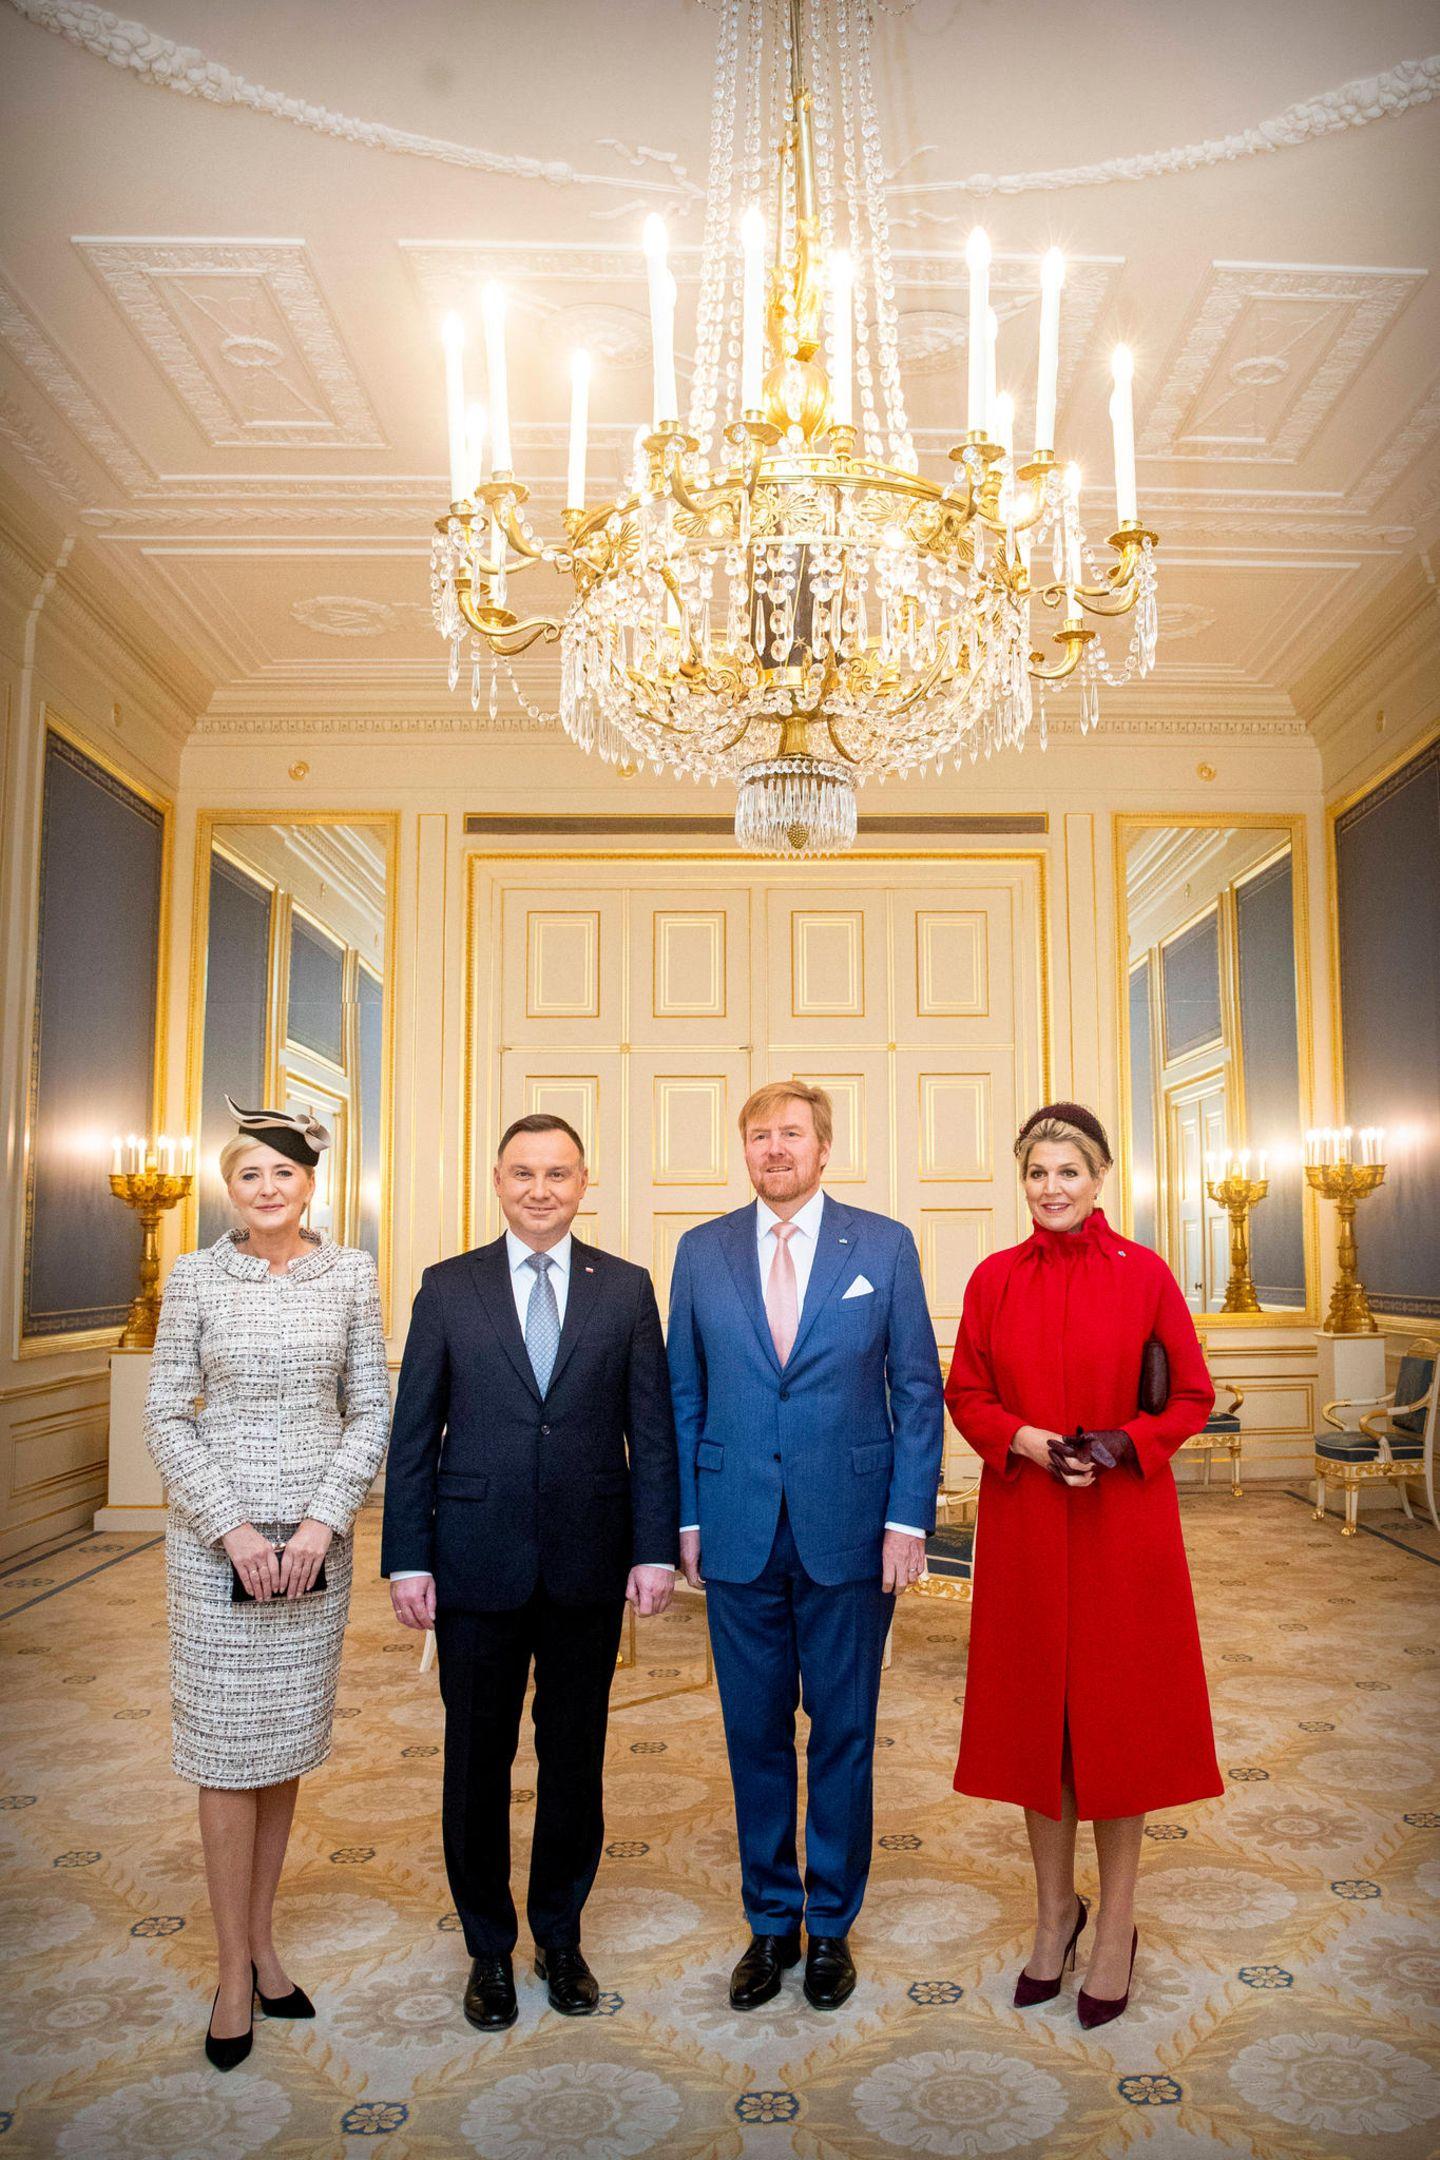 29. Oktober 2019  König Willem-Alexander und Königin Máxima empfangen das polnische PräsidentenpaarAgata Kornhauser-Duda und Andrzej Duda auf Schloss Noordeinde.